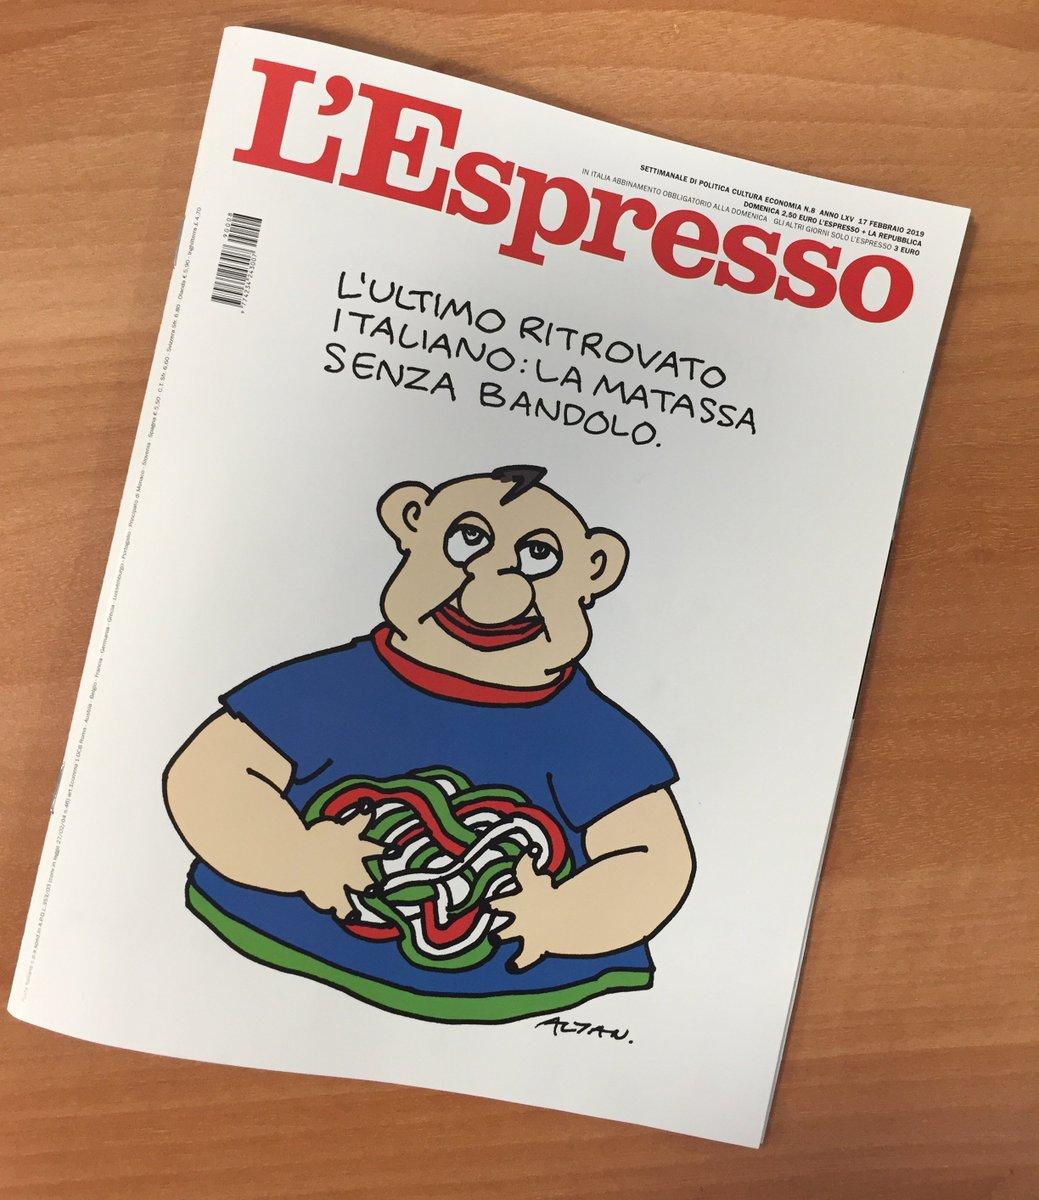 La nuova copertina de #lEspresso in edicola da oggi. E se non potete andare in edicola:  📰 Per abbonarsi all'edizione cartacea https://t.co/5bNcOTH5hb  💻 Per abbonarsi all'edizione digitale  https://t.co/DT6PLqtwpO